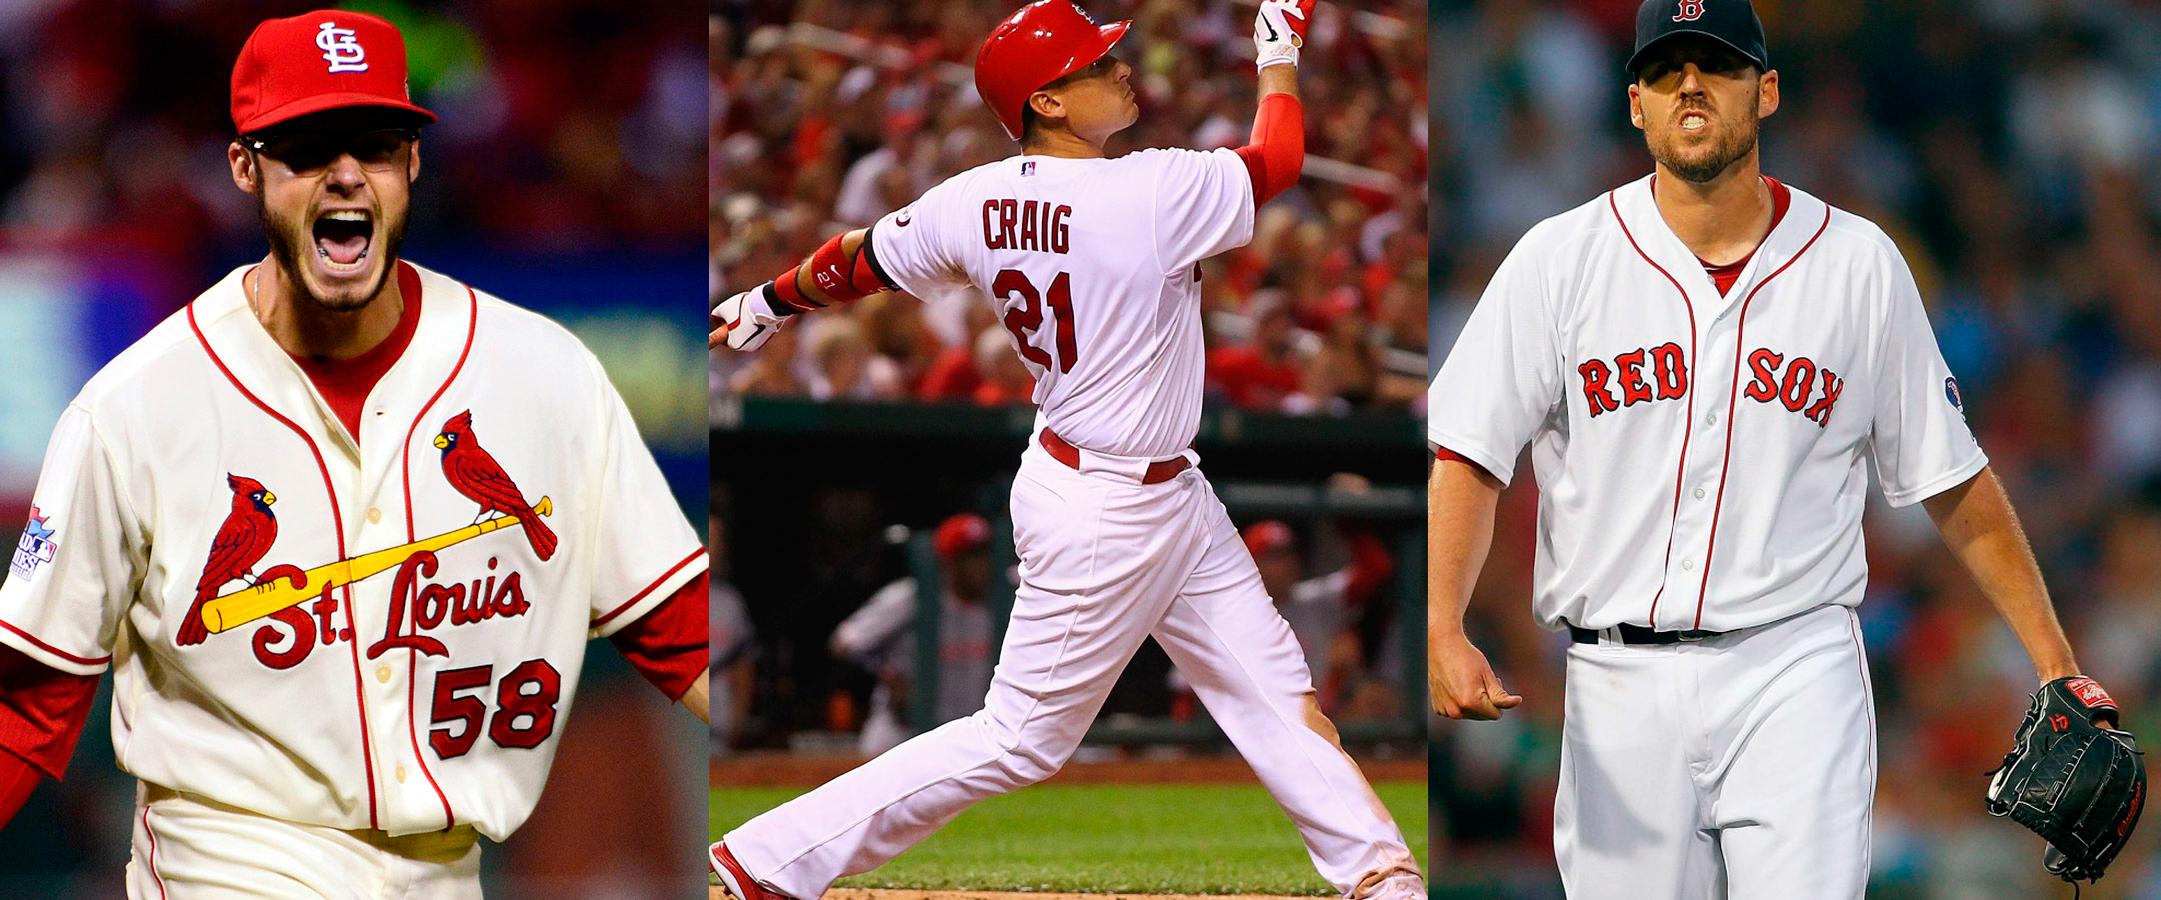 Дерби между Чикаго Кабс и Чикаго В.С. На что делать ставки на бейсбол 24 Июля 2017